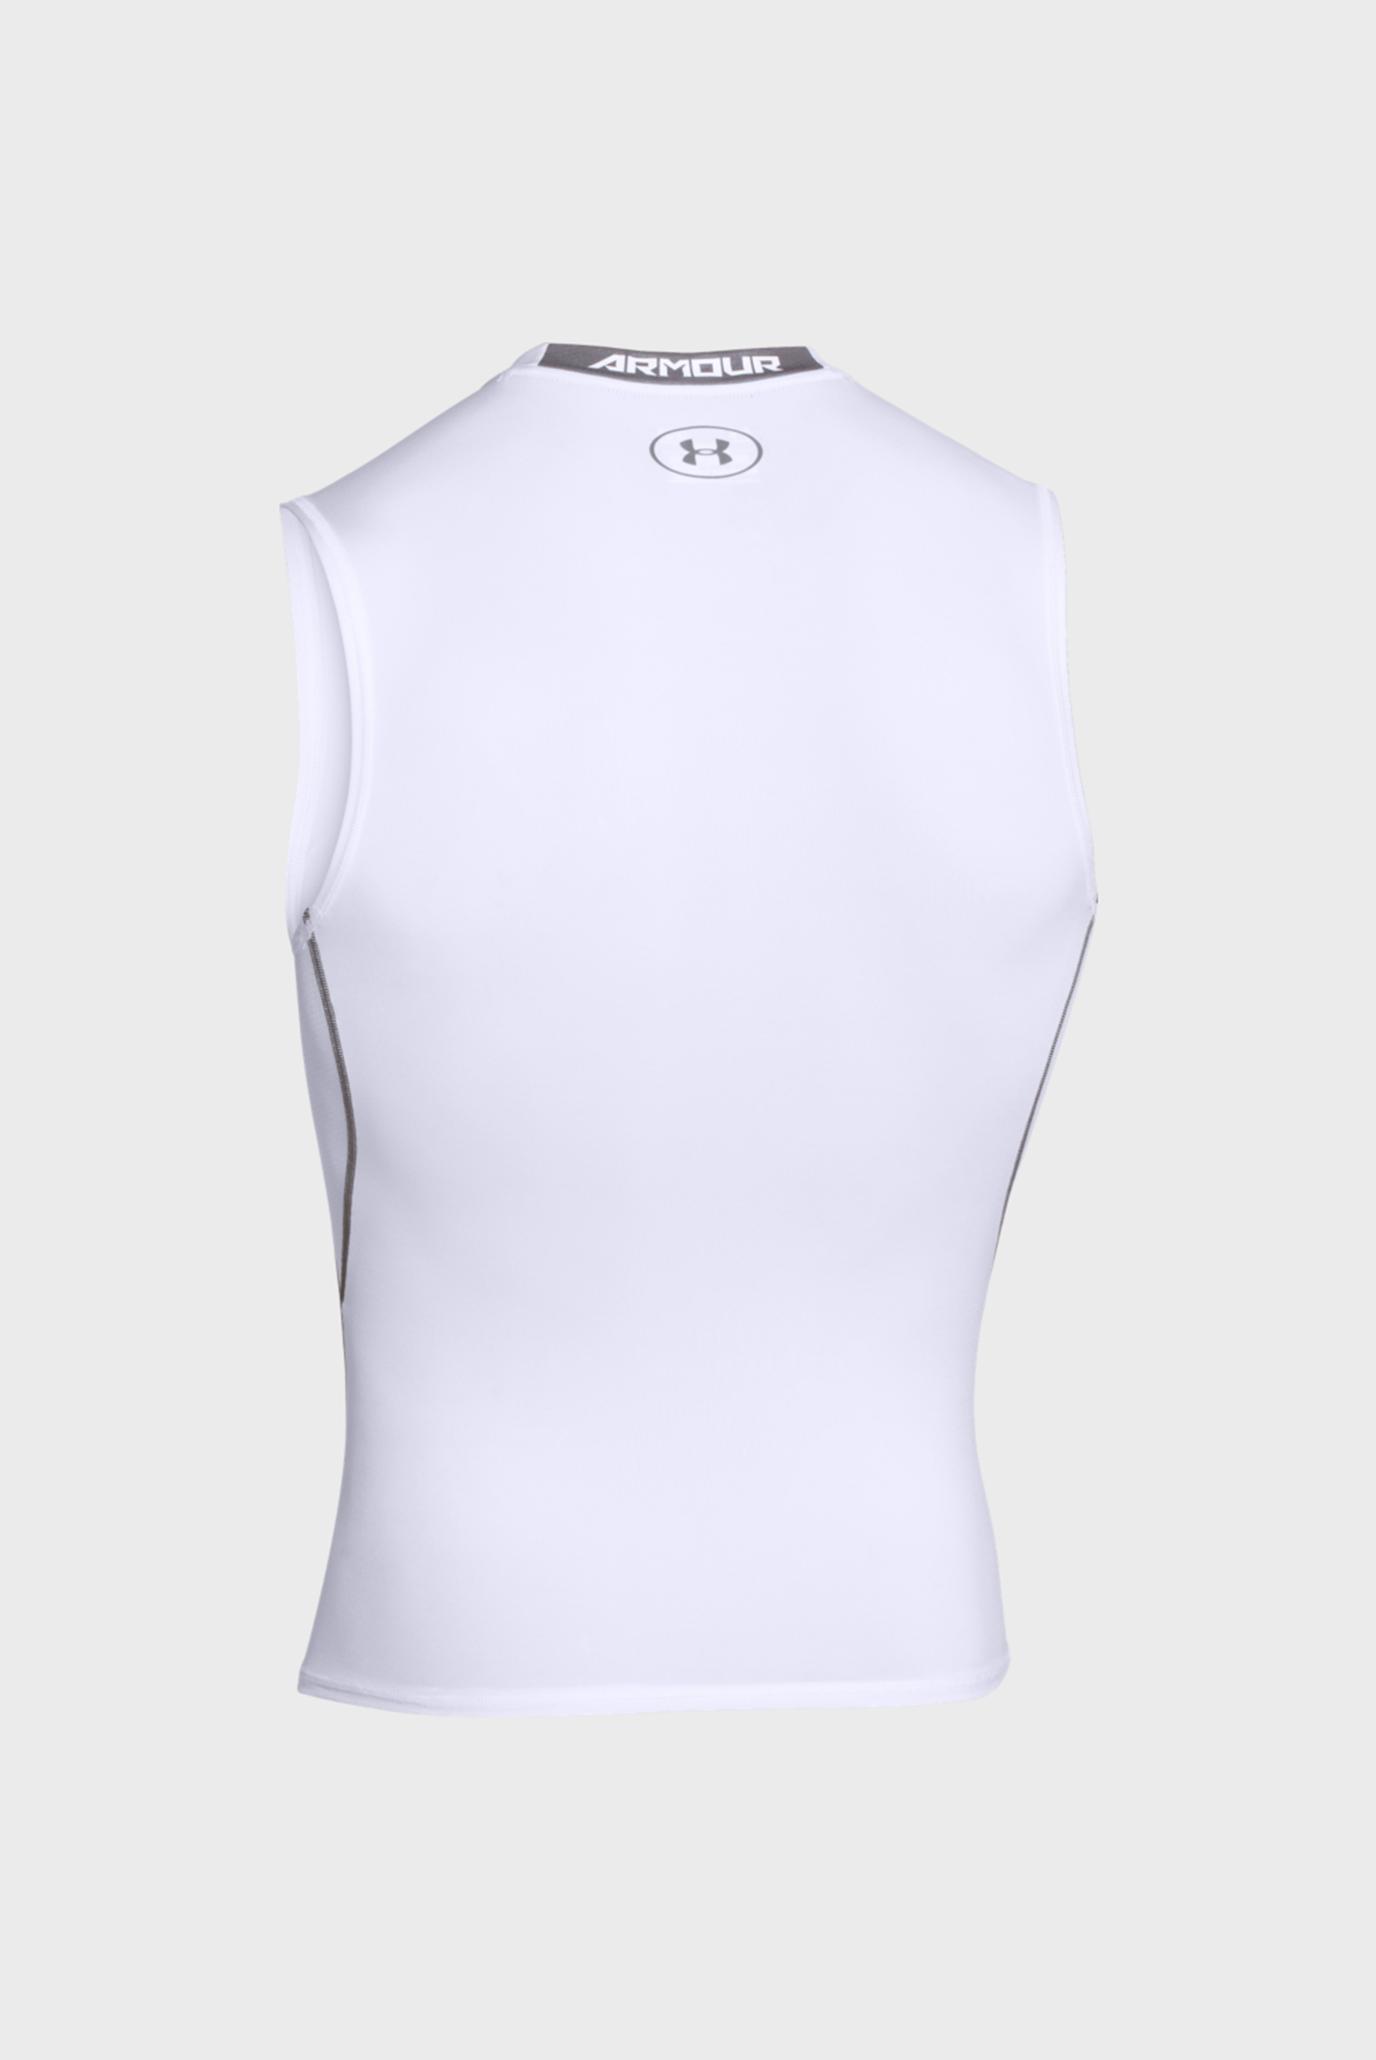 Купить Мужская белая майка UA HG ARMOUR SL Under Armour Under Armour 1257469-100 – Киев, Украина. Цены в интернет магазине MD Fashion